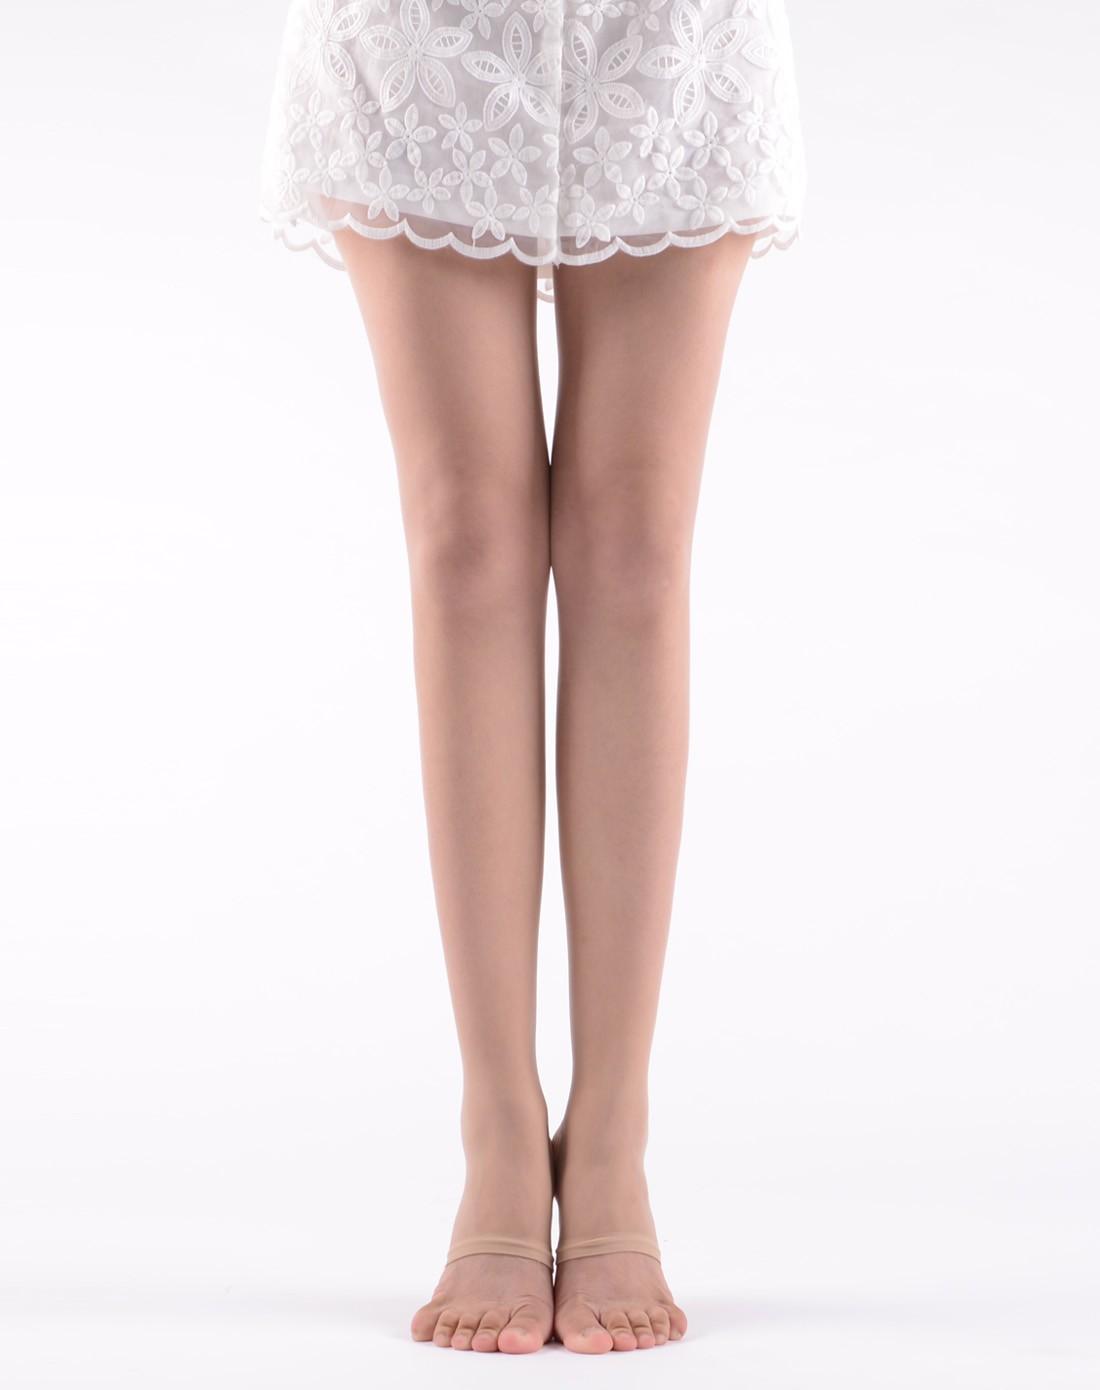 http://www.zhaodanji.com/uploadfile/2014/0930/20140930113125814.jpg_丹吉娅danjiya袜子专场-5双超薄踩脚连裤丝袜